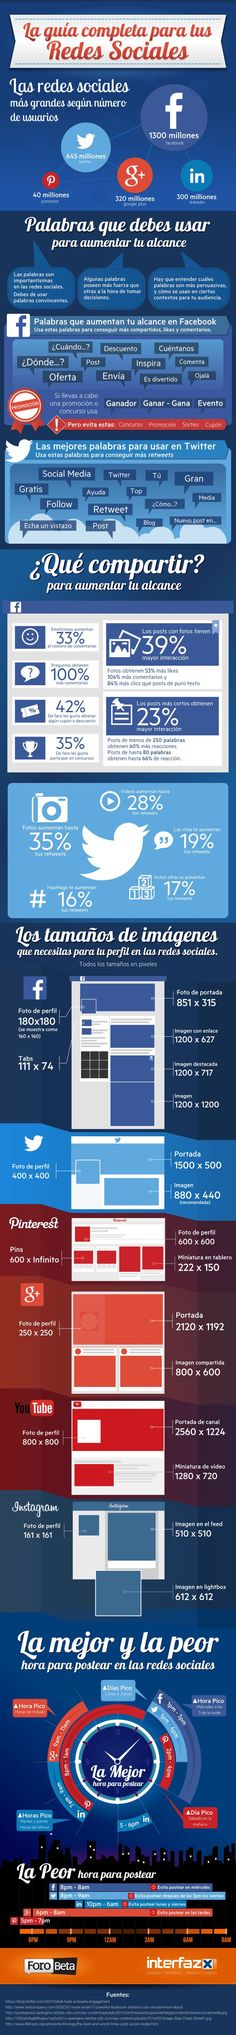 ¿Cómo actuamos en las redes sociales? #infografías #marketing #redessociales Vía http://adveischool.com/la-guia-completa-para-tus-redes-sociales/